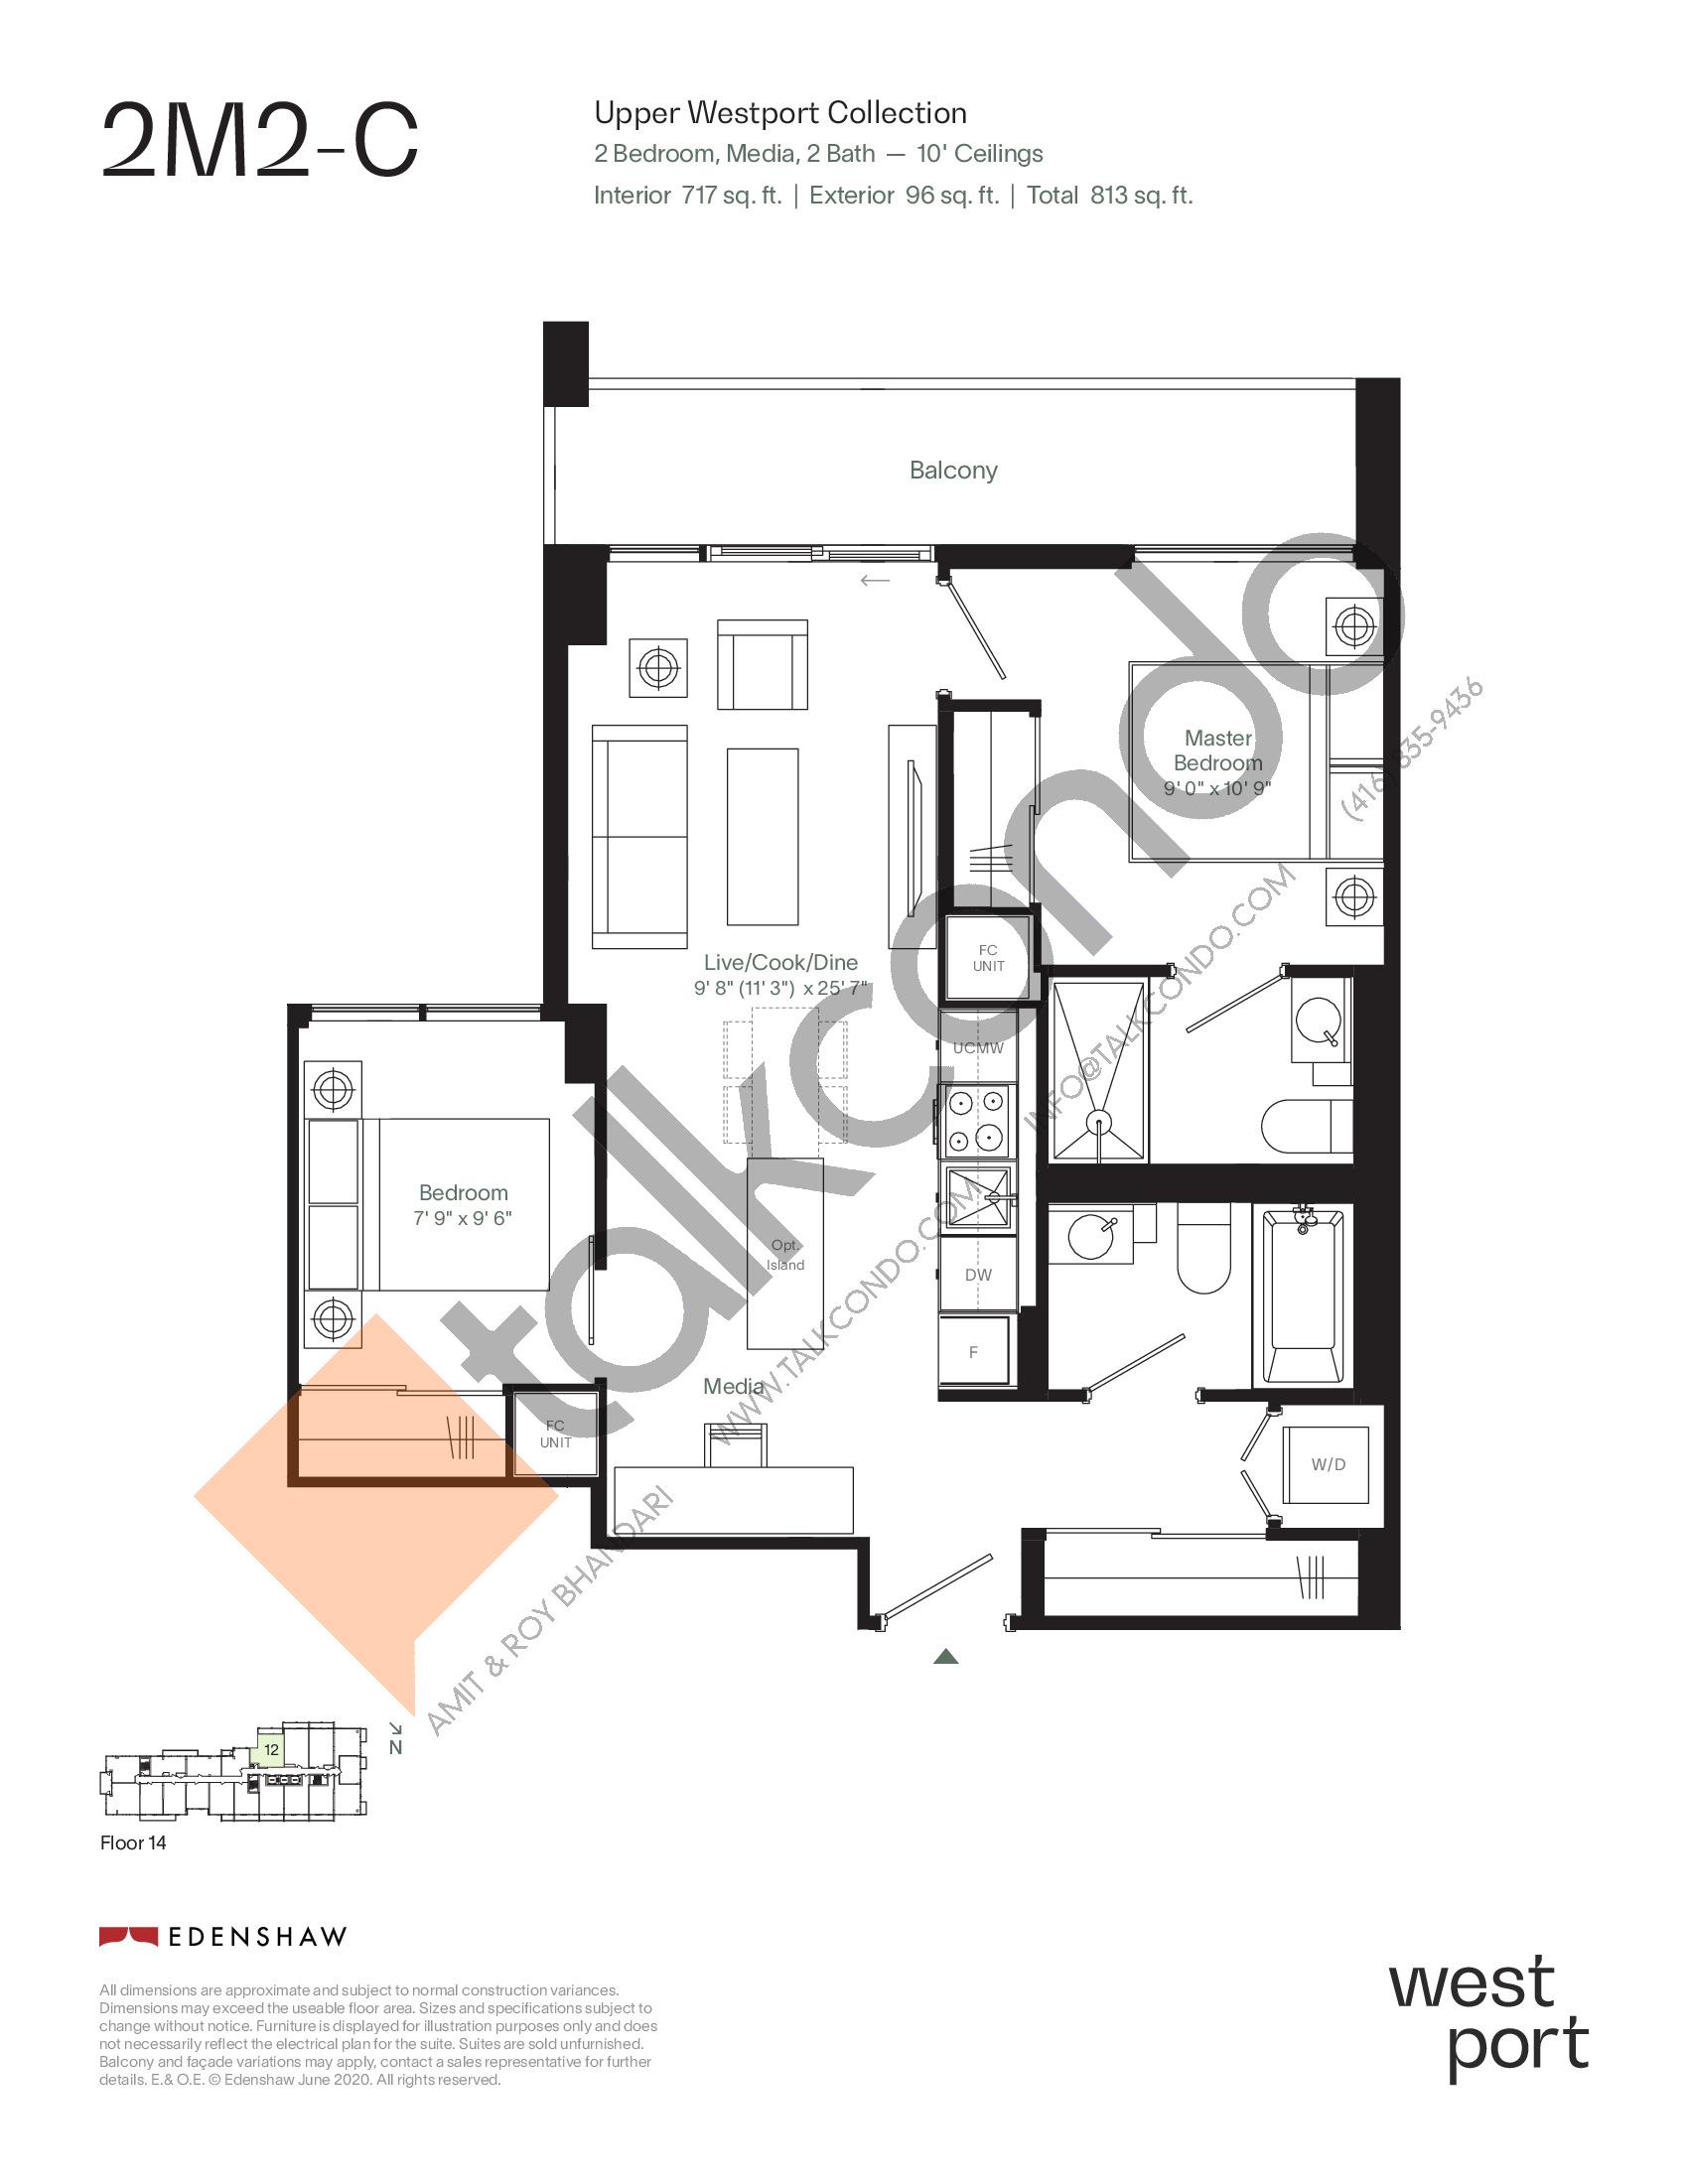 2M2-C - Upper Westport Collection Floor Plan at Westport Condos - 717 sq.ft